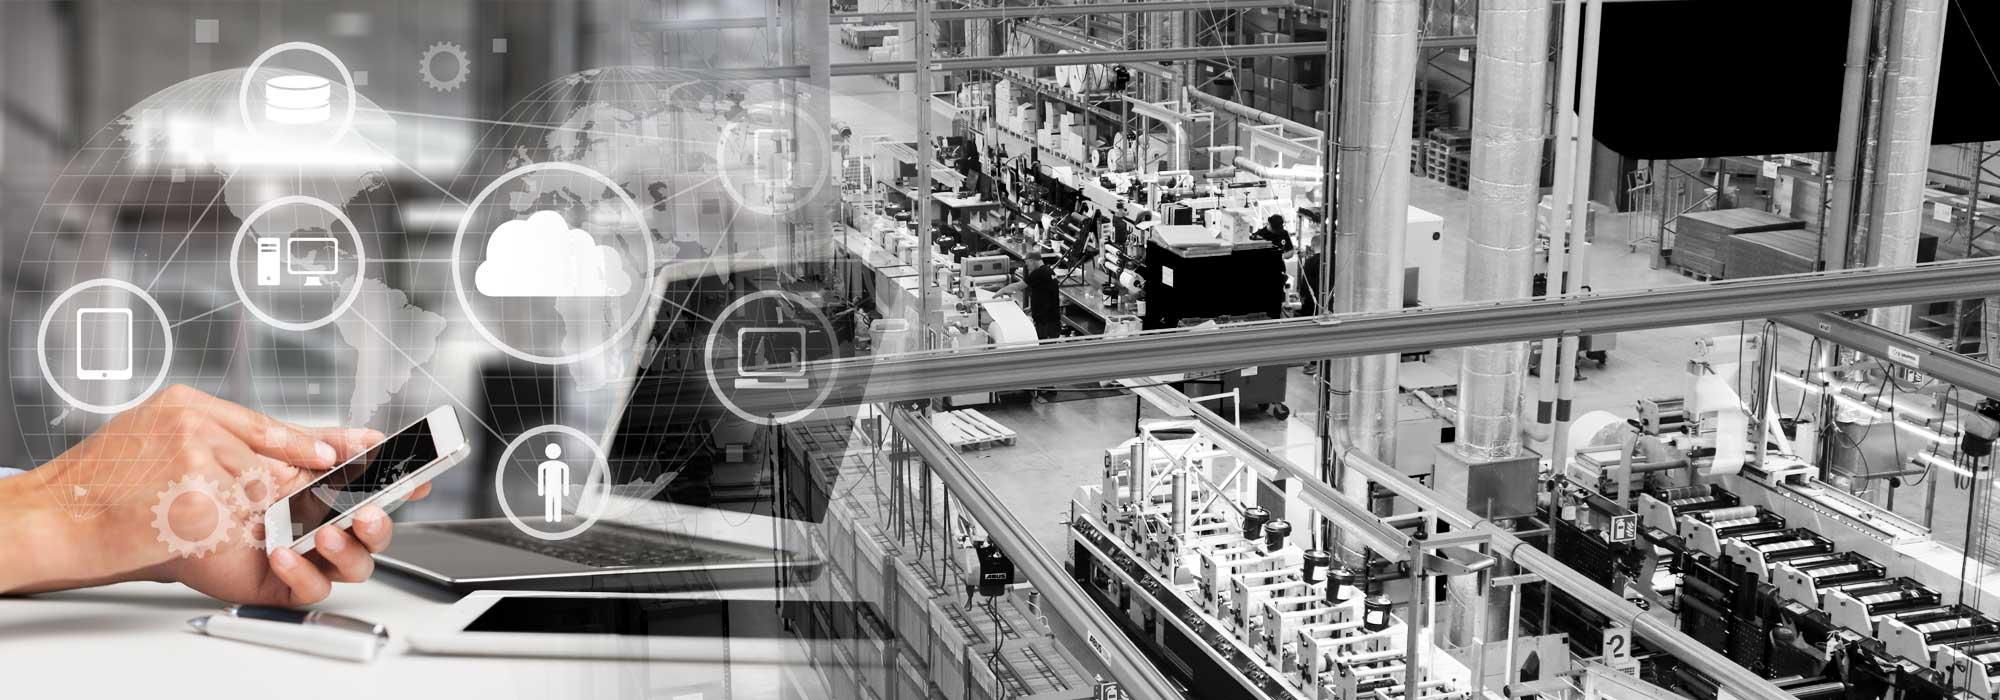 hånd som taster på telefon ved siden av laptop og oversiktsbilde av etikettproduksjon